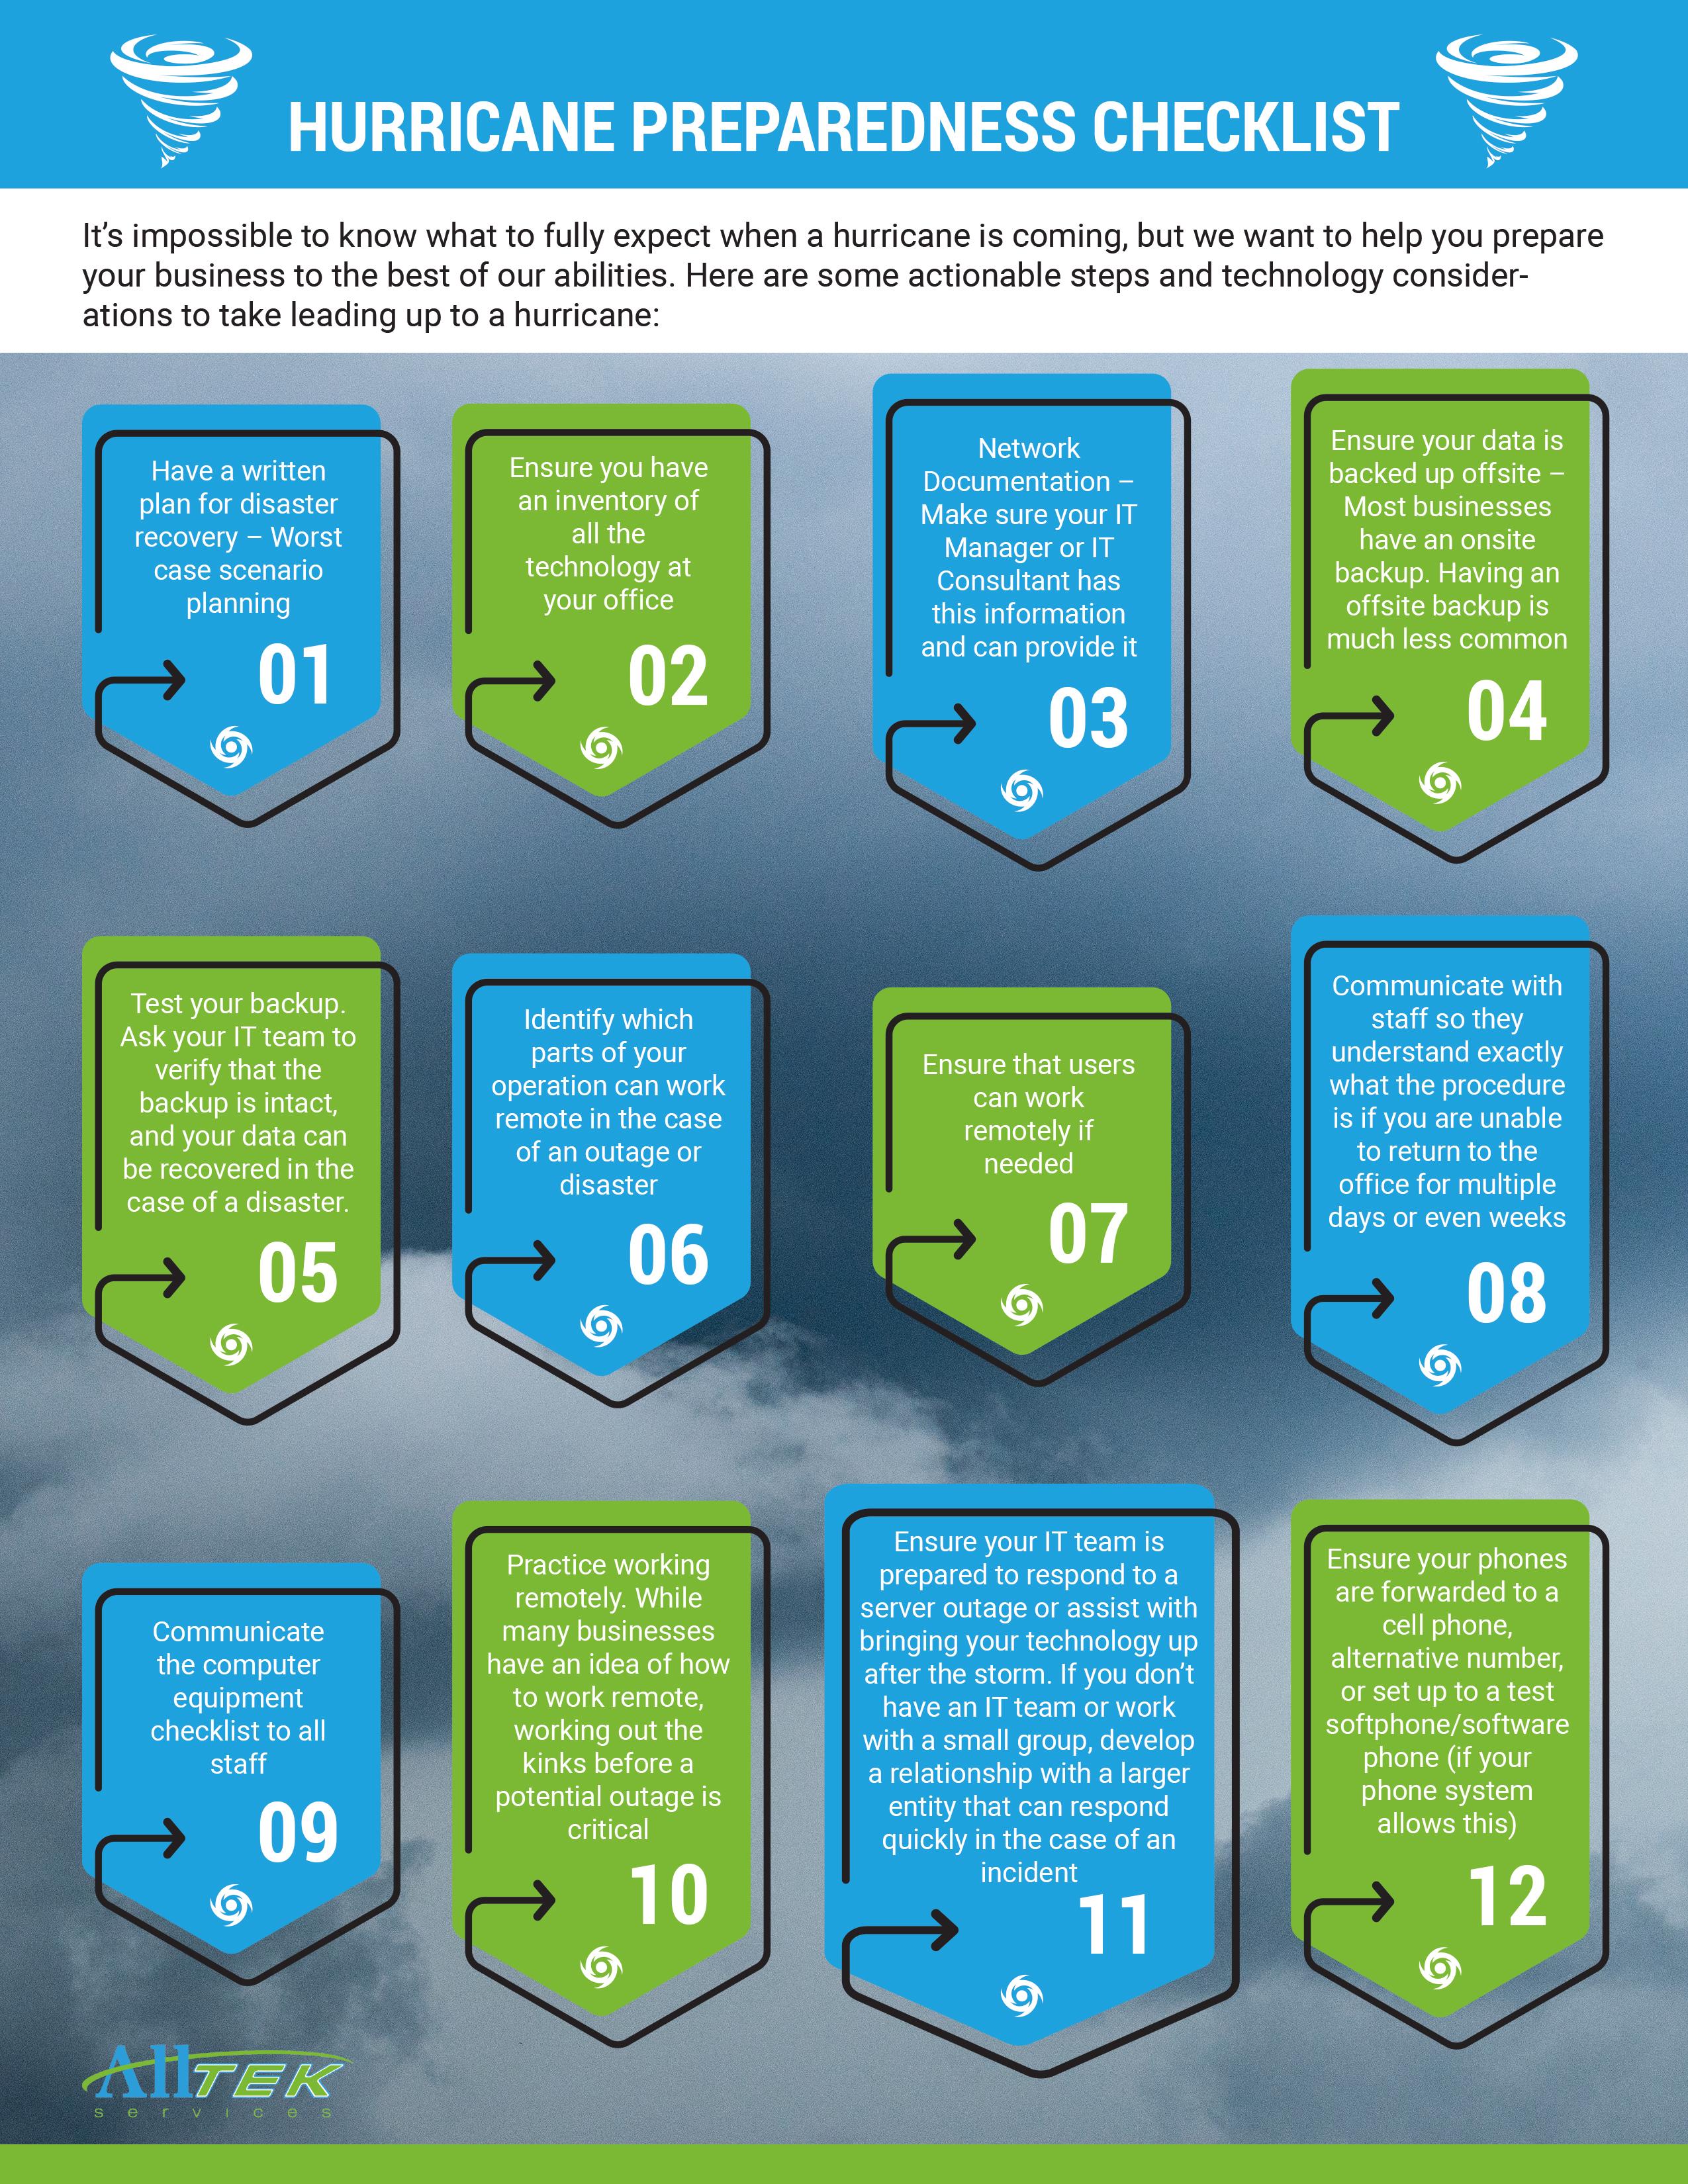 Hurricane Preparedness Checklist Final